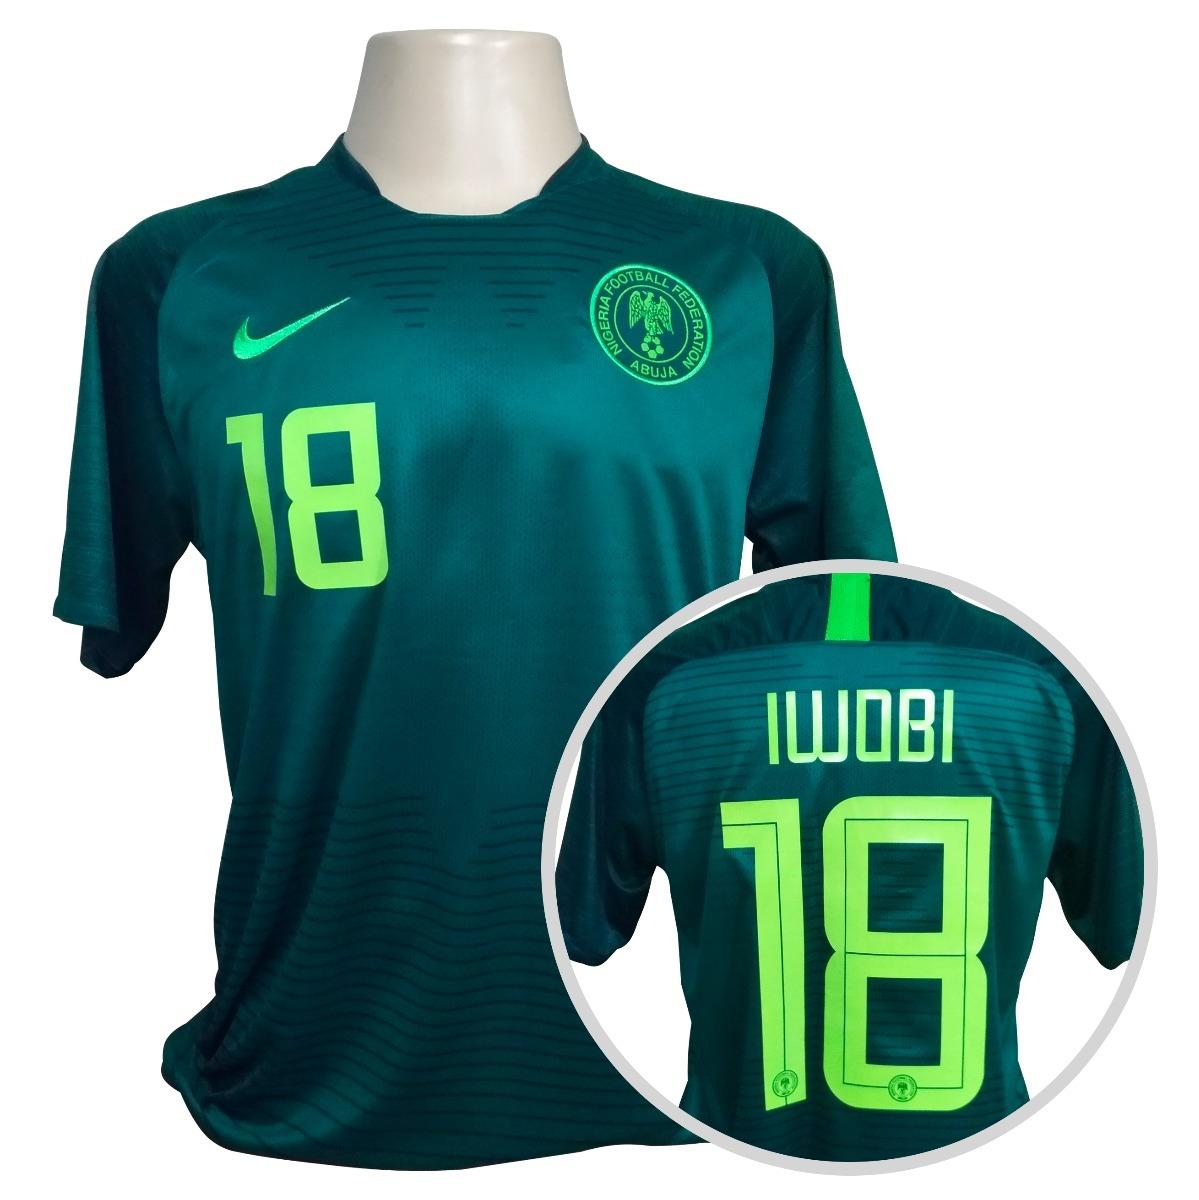 e8a11e13f3 camisa nigéria nike reserva copa 2018  18 iwobi. Carregando zoom.